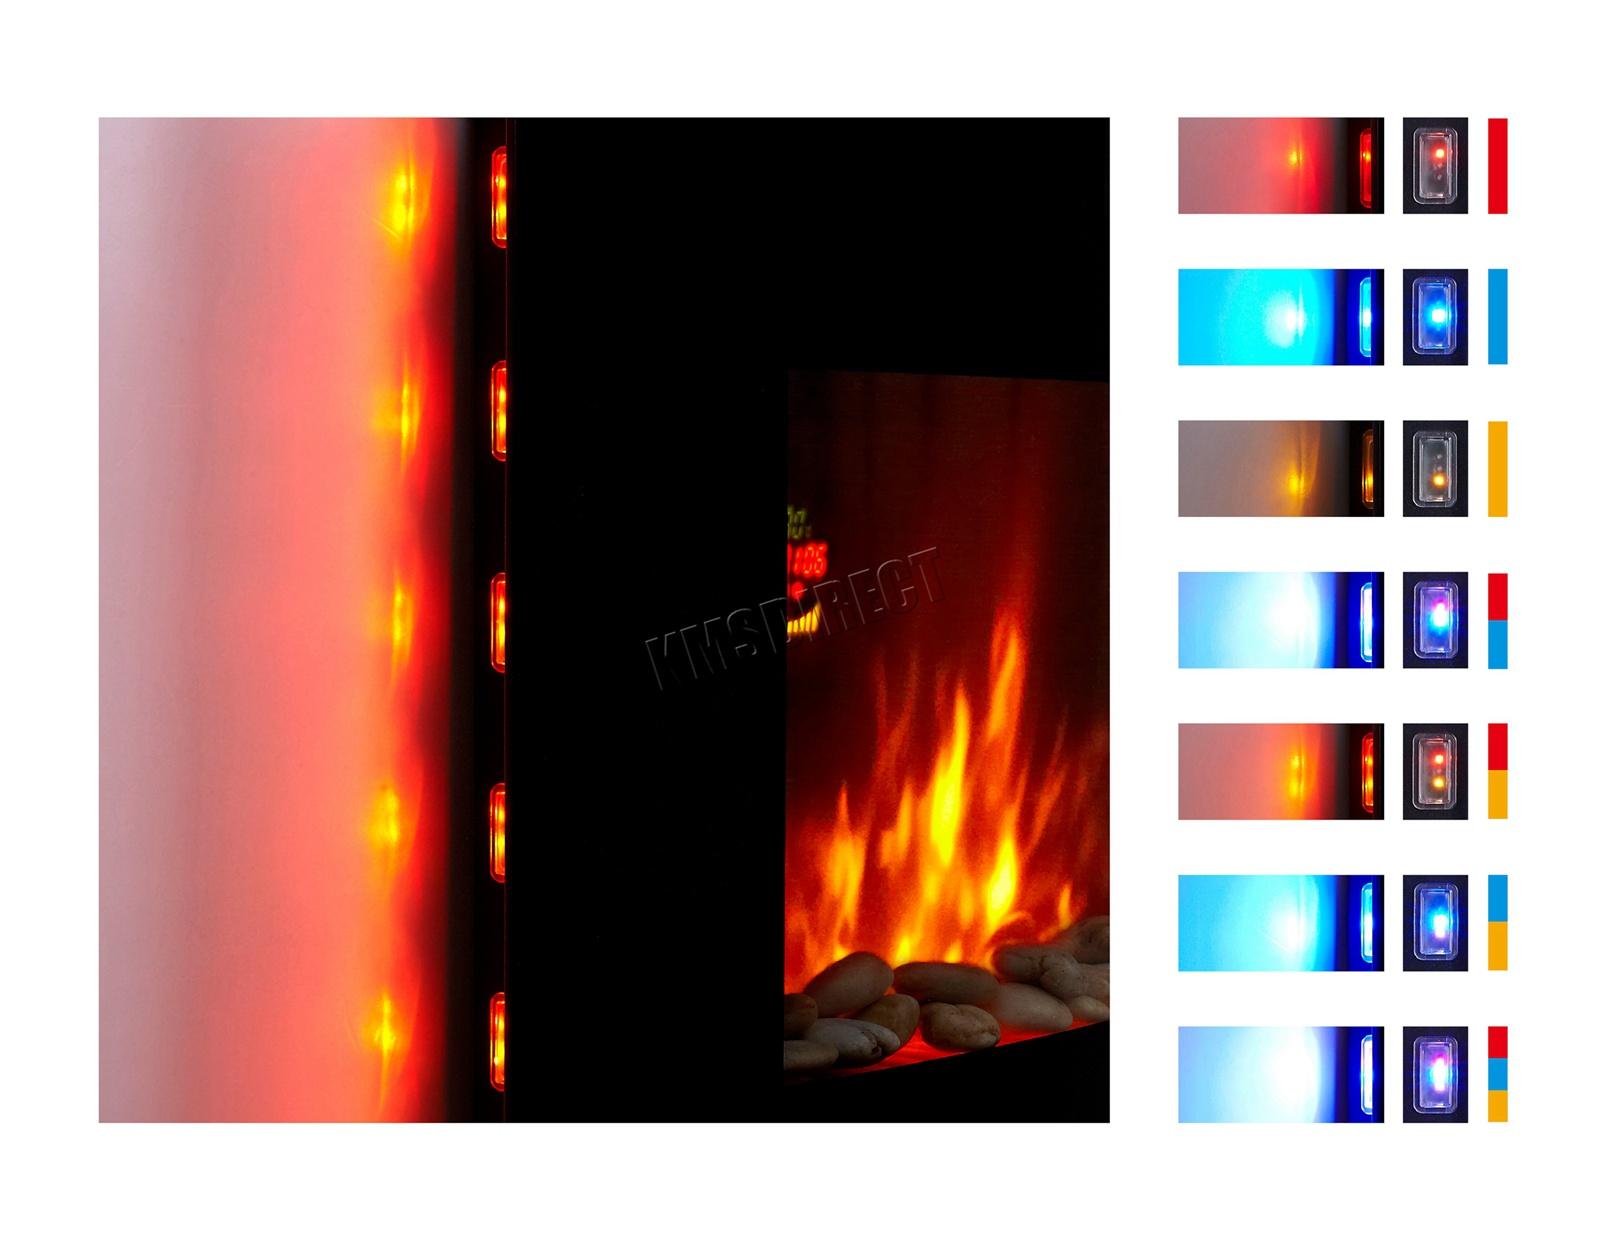 FIREPLACE LED BACKLIT VAR KMSWM0011